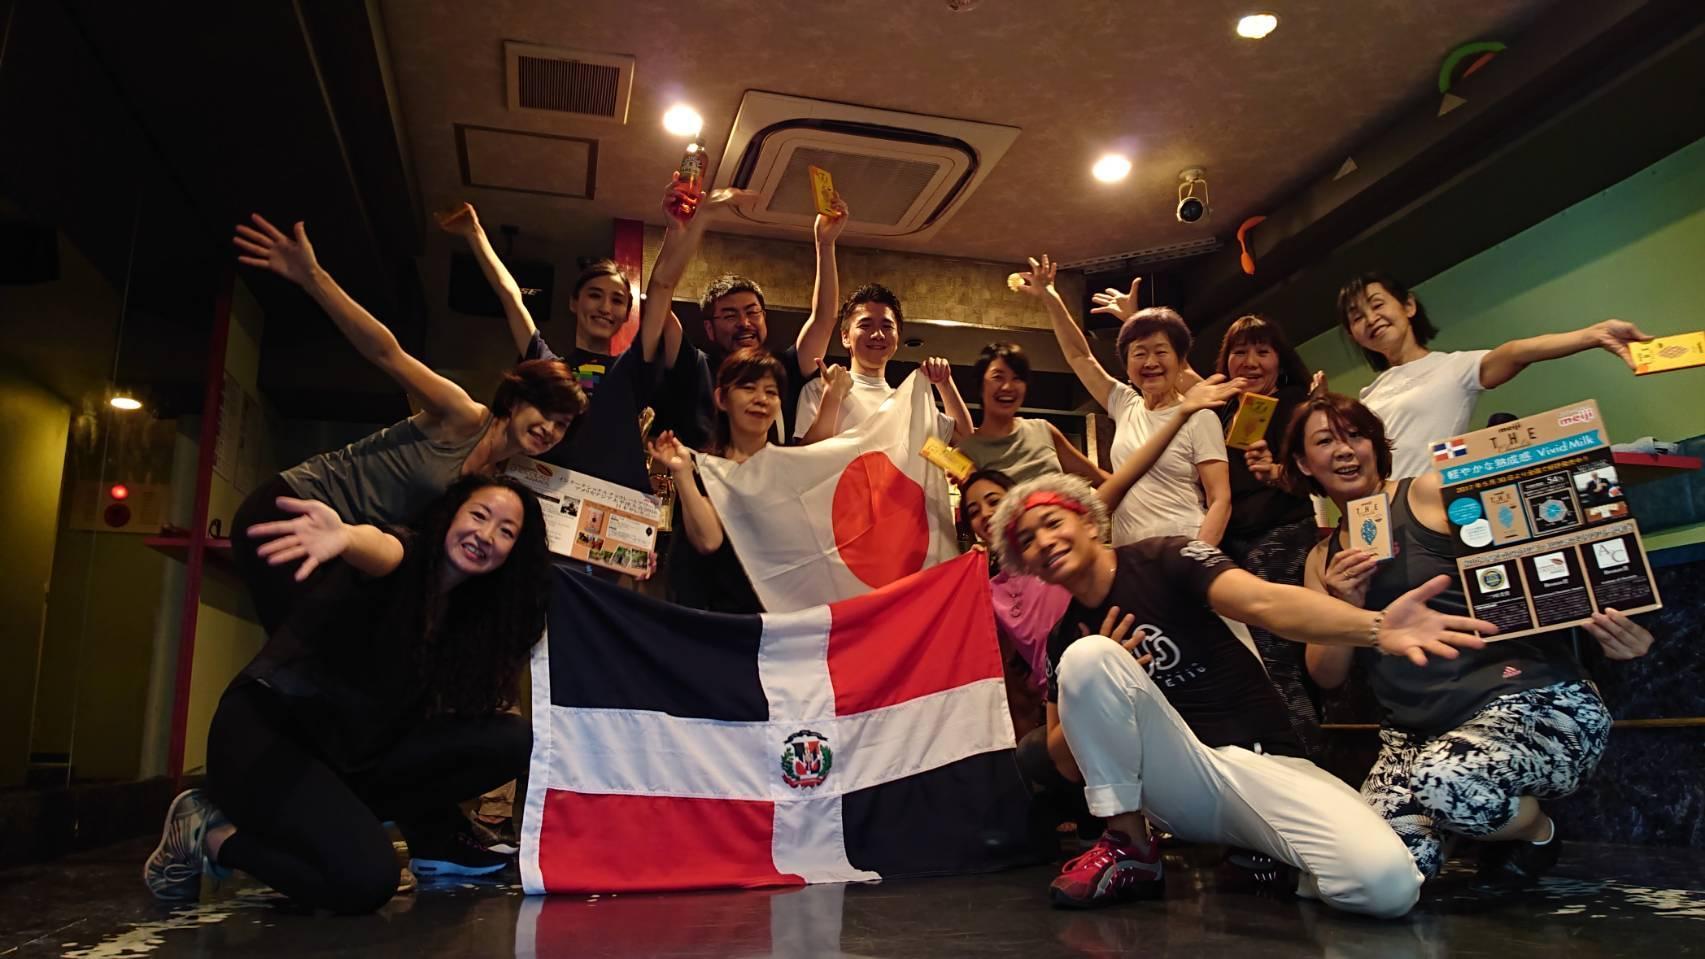 第20回ドミニカンダンス・ワークショップ開催報告 (¡Celebramos el vigésimo taller de baile dominicano!)